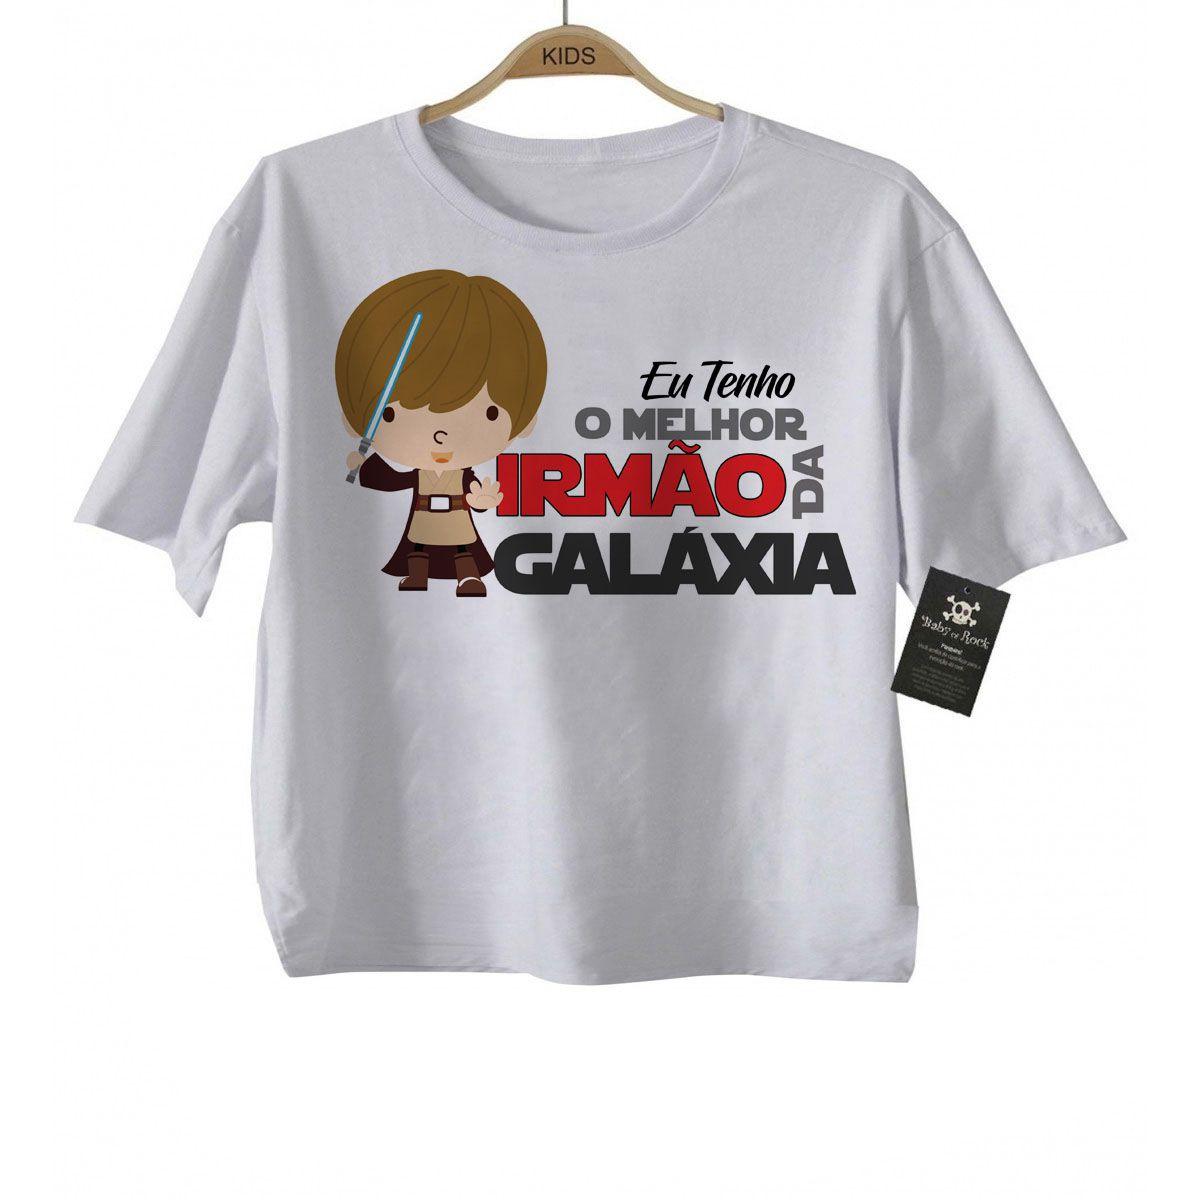 Camiseta  Nerd / Geek  Bebe eu Tenho a melhor Irmão   da Galáxia - White  - Baby Monster - Body Bebe